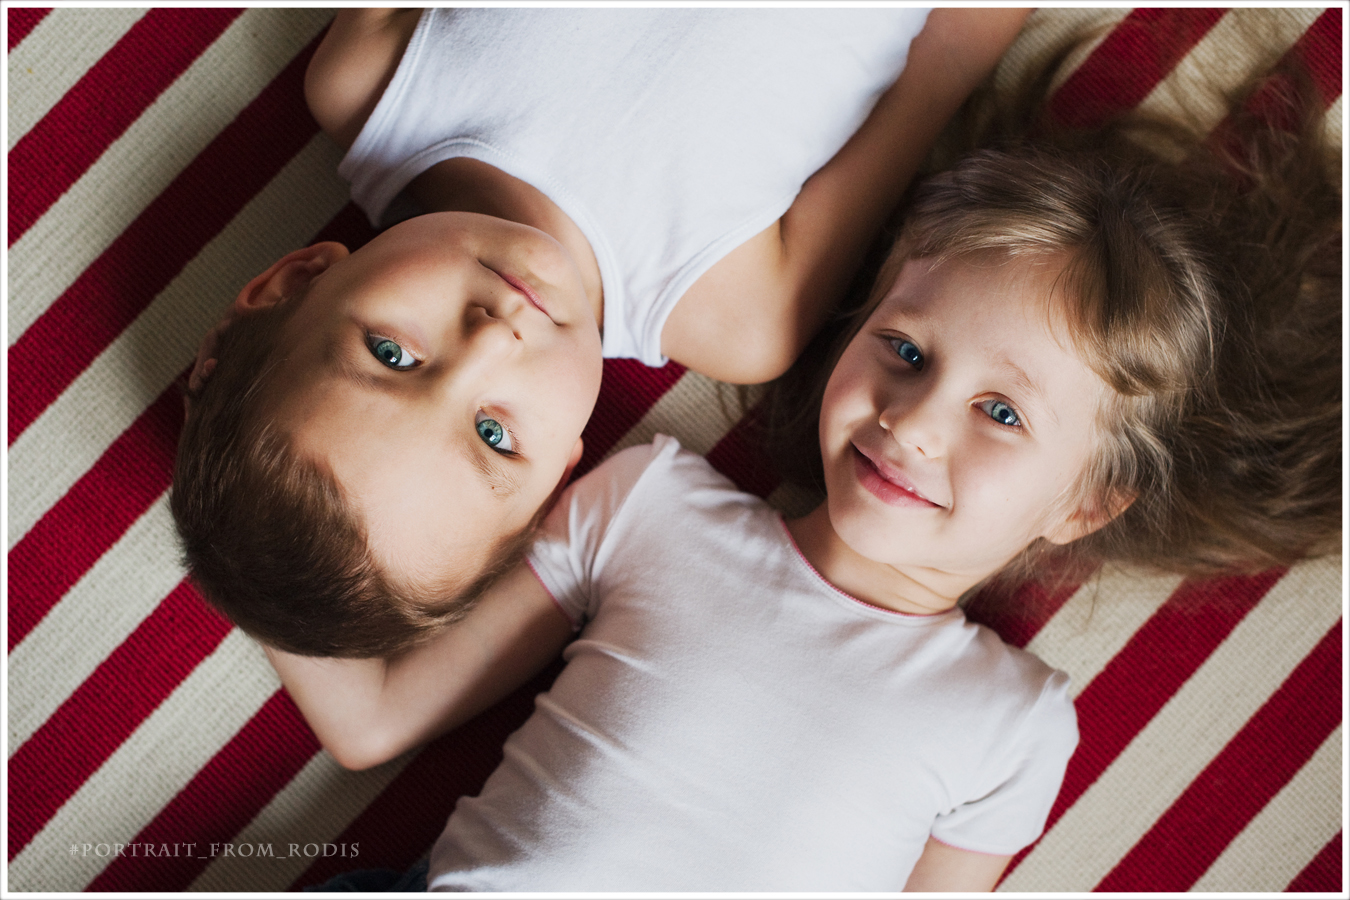 Брат с сестричкой 14 фотография